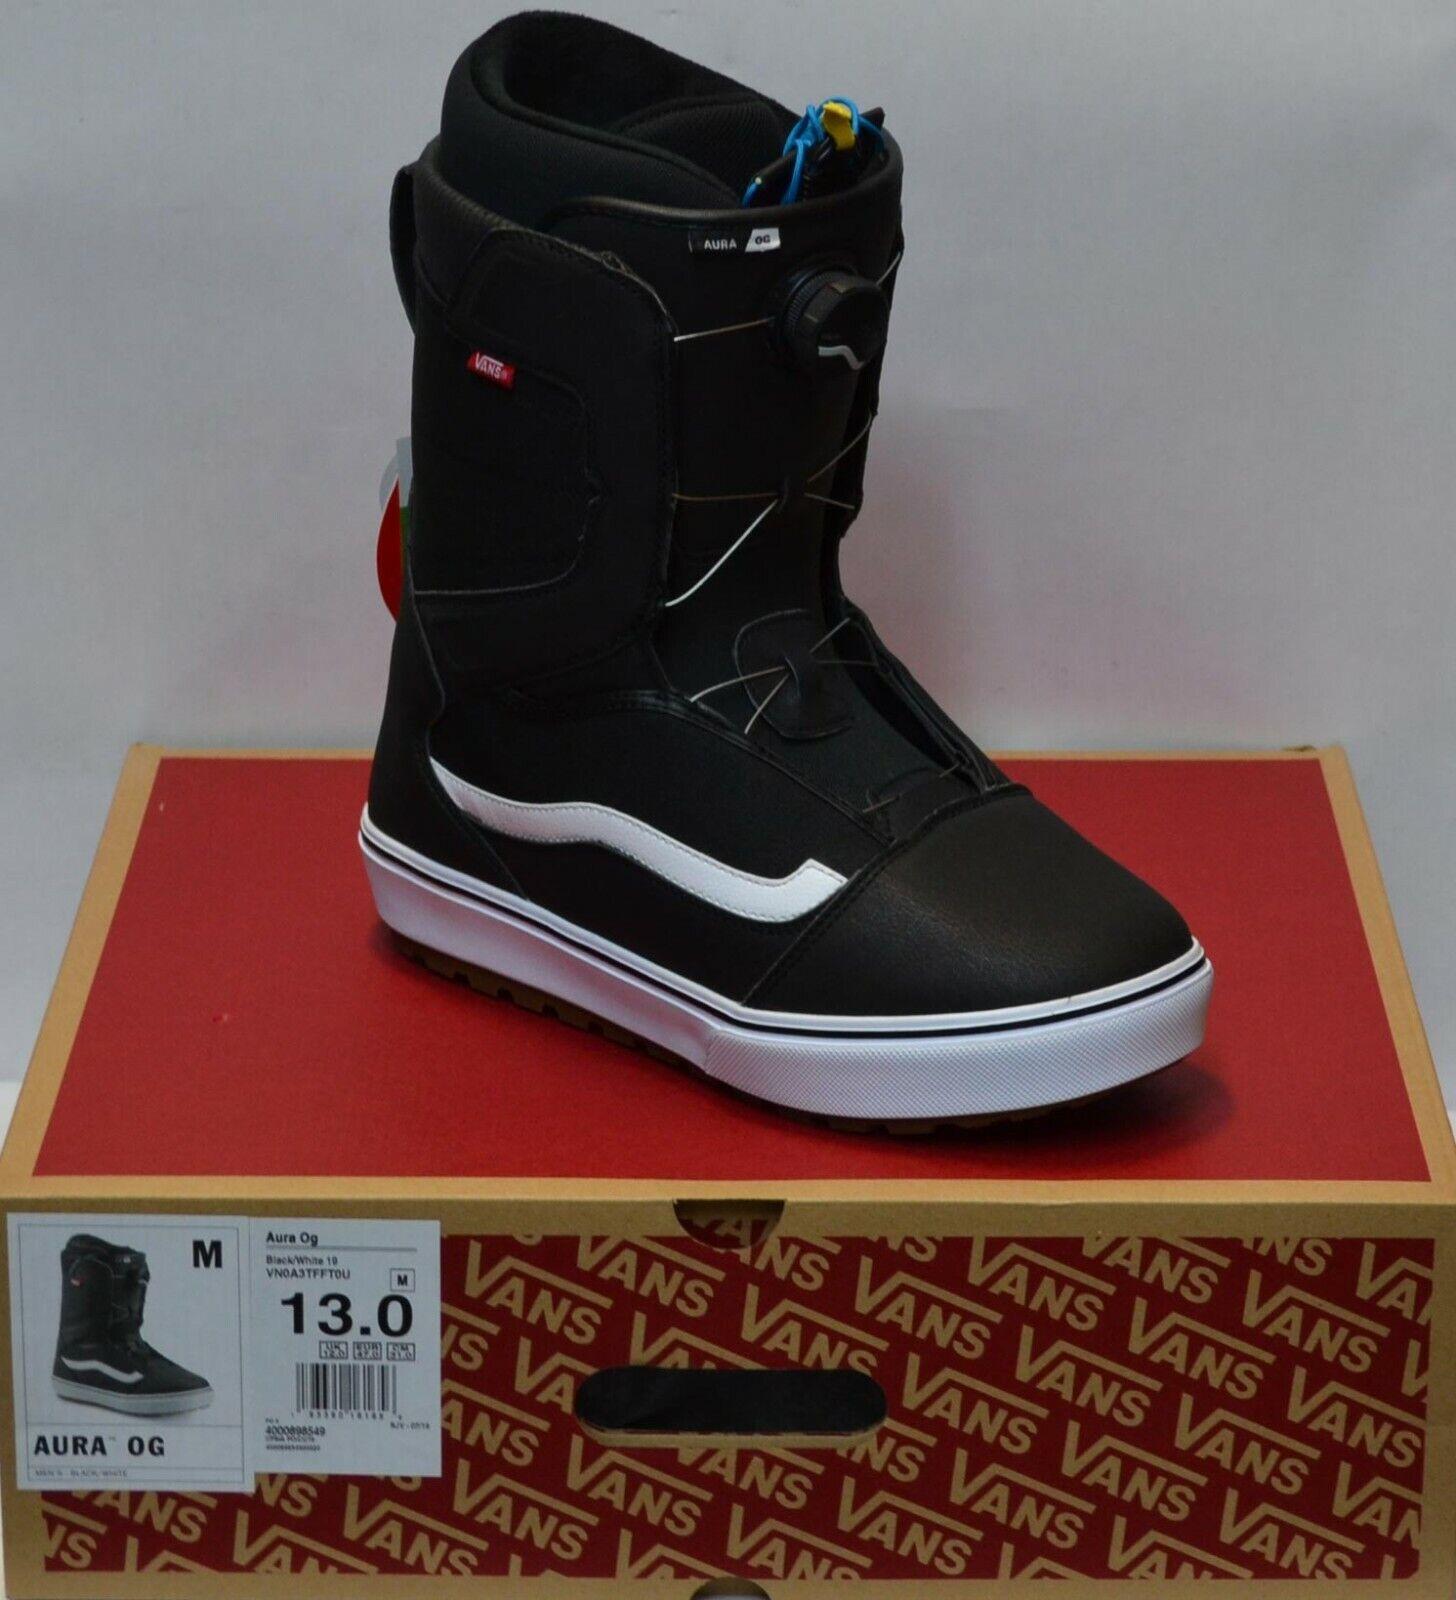 '19 / '20 Vans Aura OG Boa Size 13 Men's Snowboard Boots - C